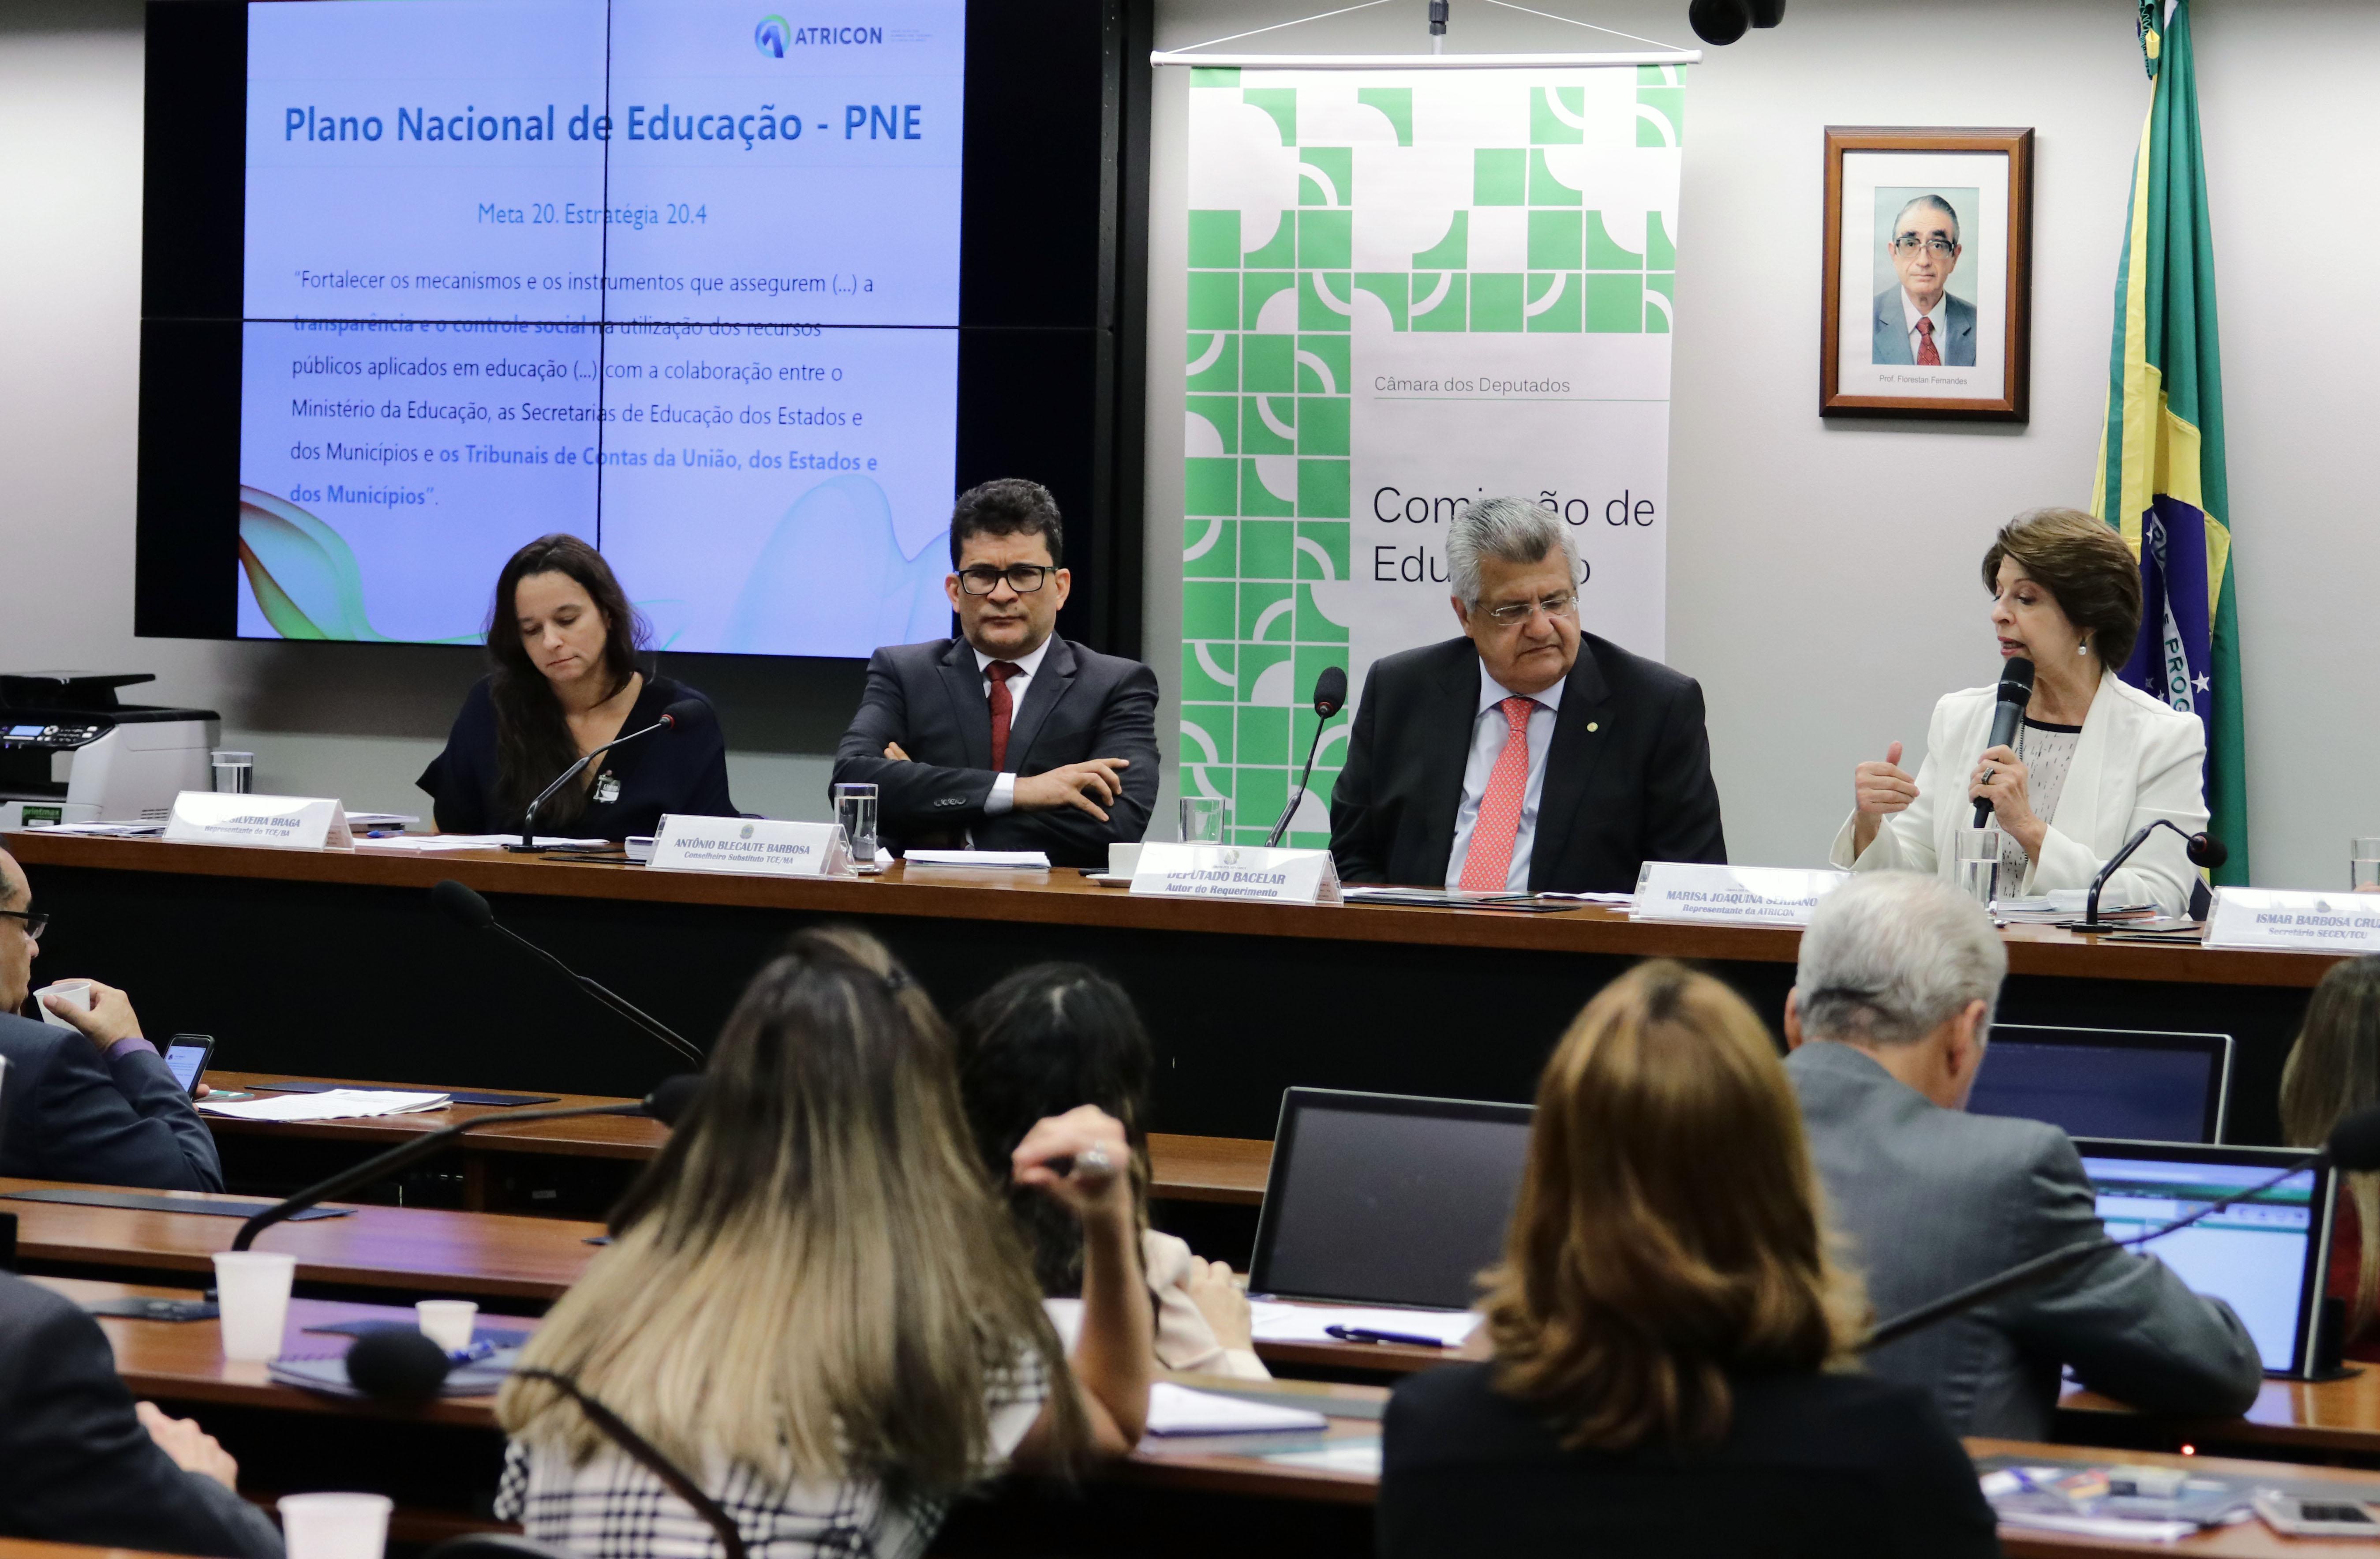 Educação: tribunais de contas detalham fiscalização de cumprimento das metas do PNE